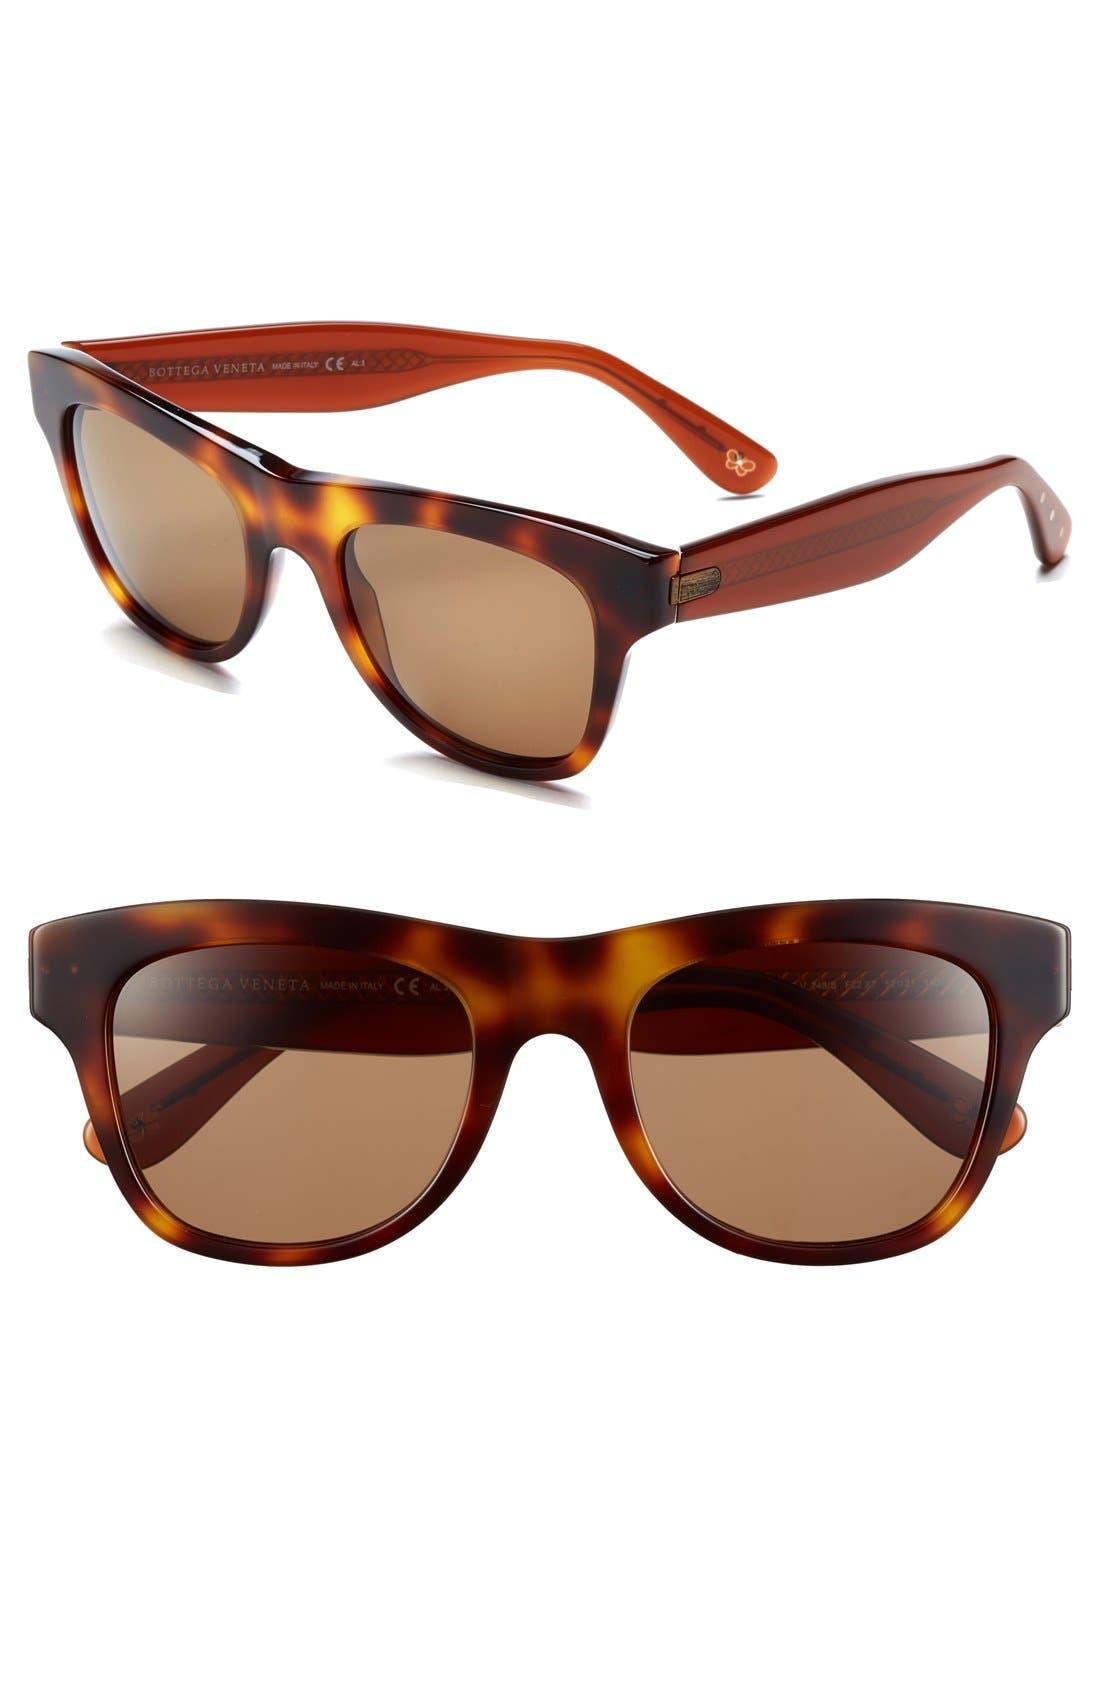 Main Image - Bottega Veneta 52mm Retro Sunglasses